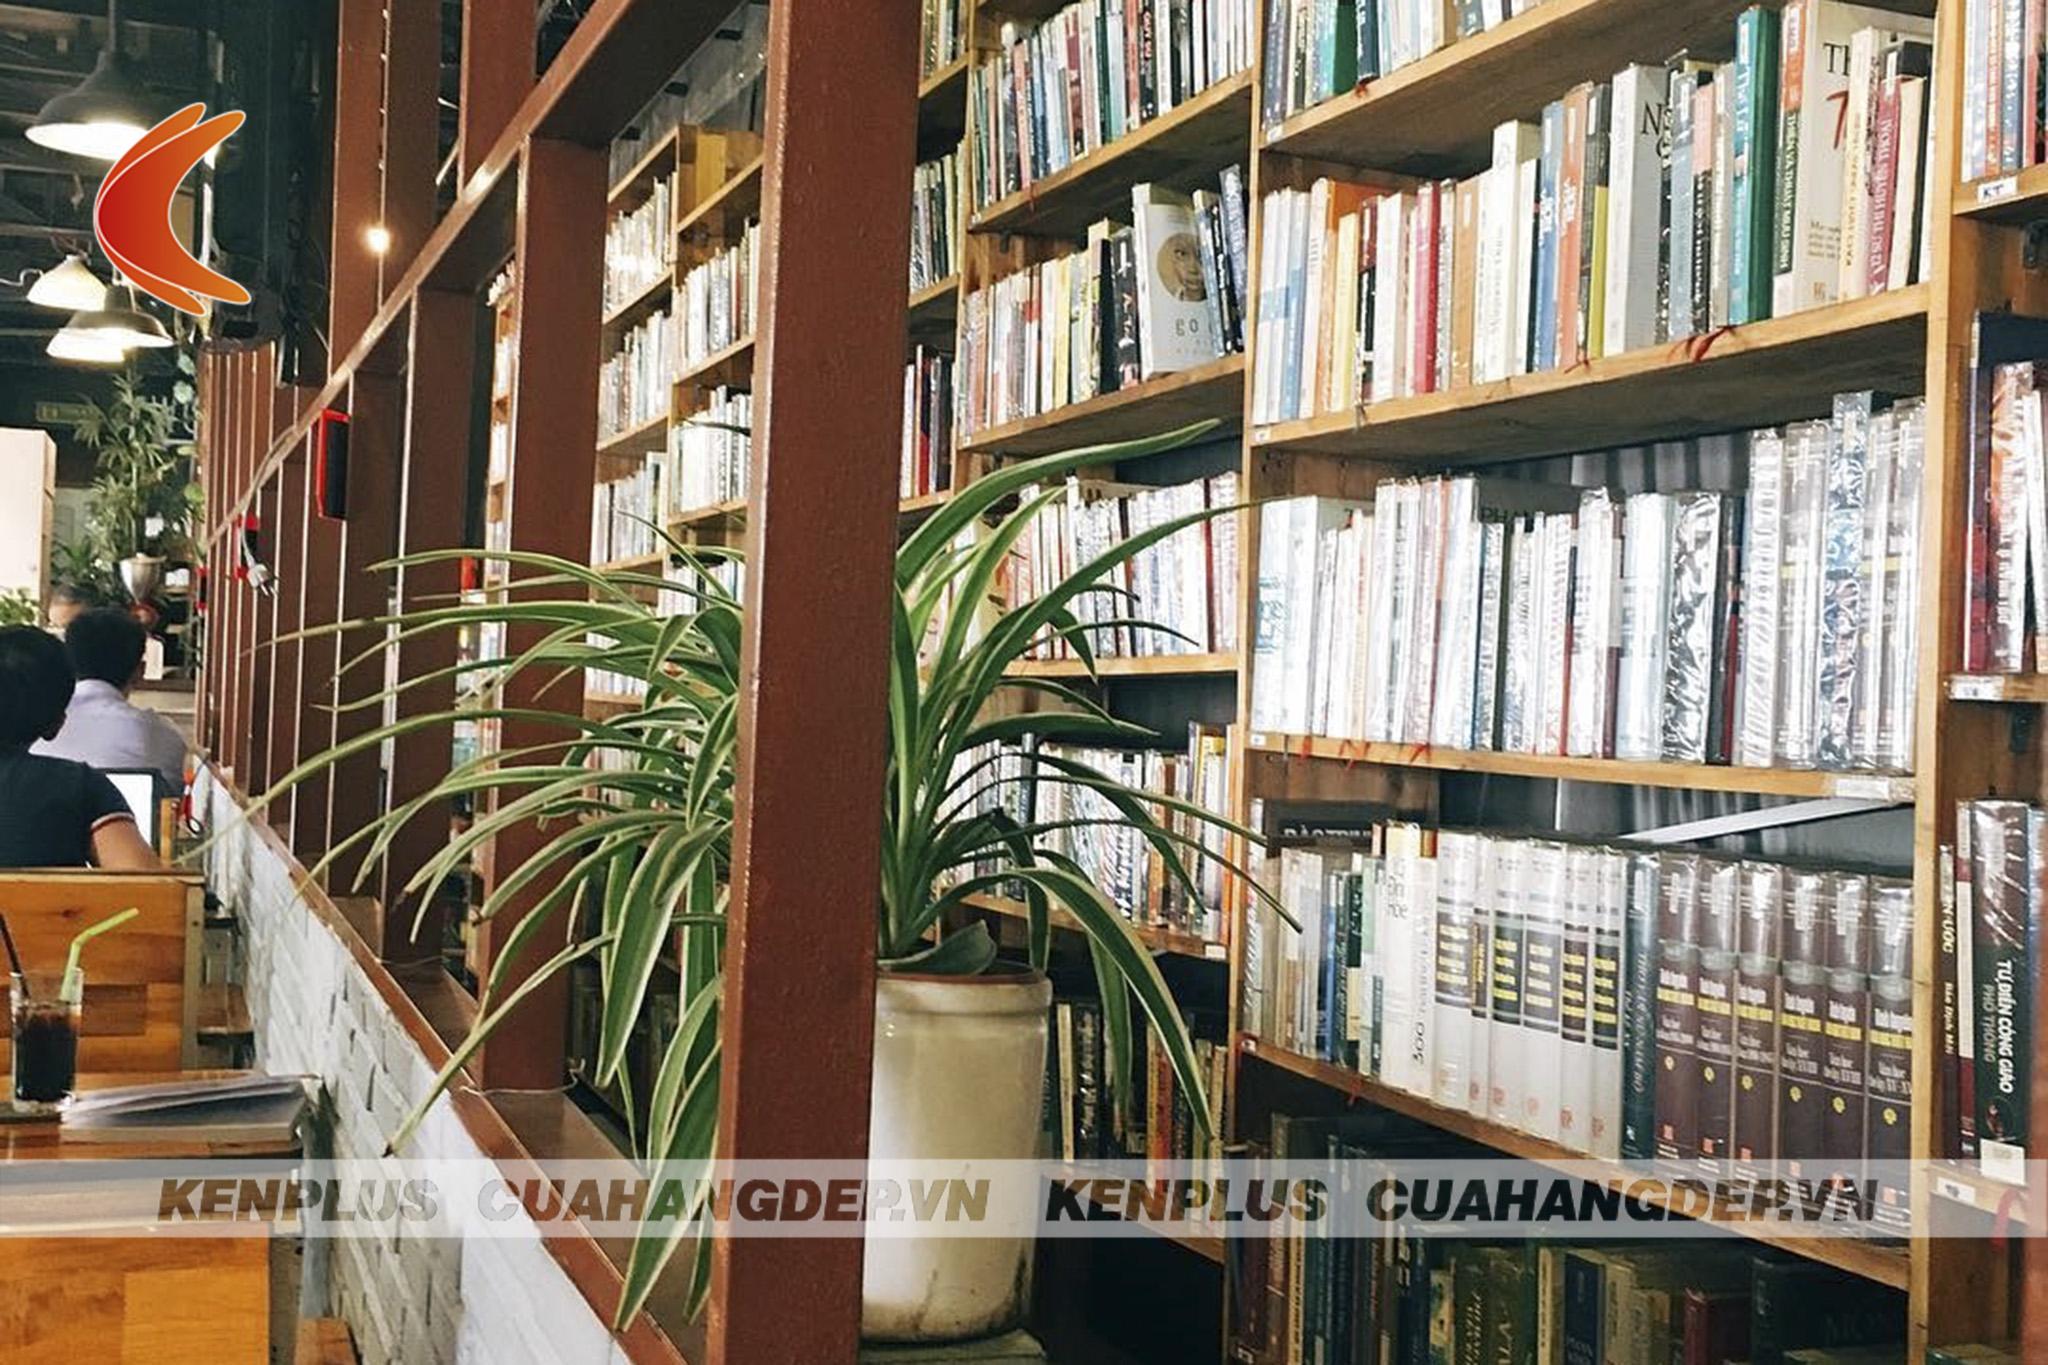 thiết kế cửa hàng sách mini tiết kiệm